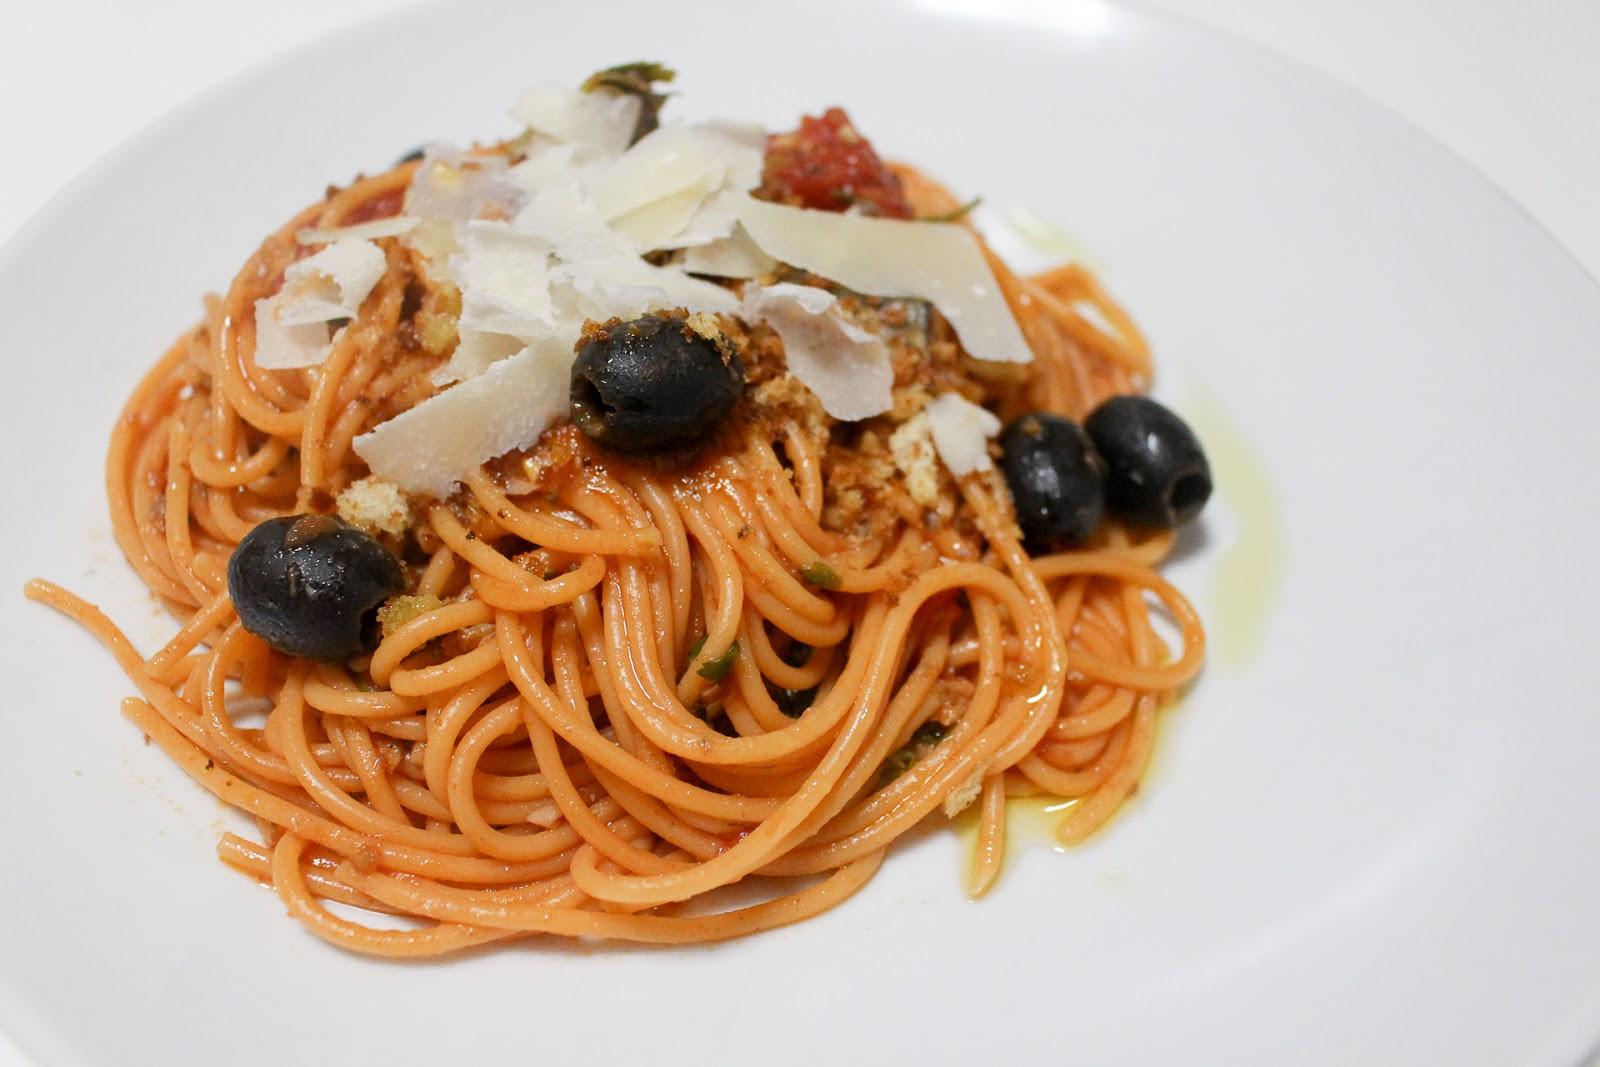 Esparguete picante com sardinha (enlatada)